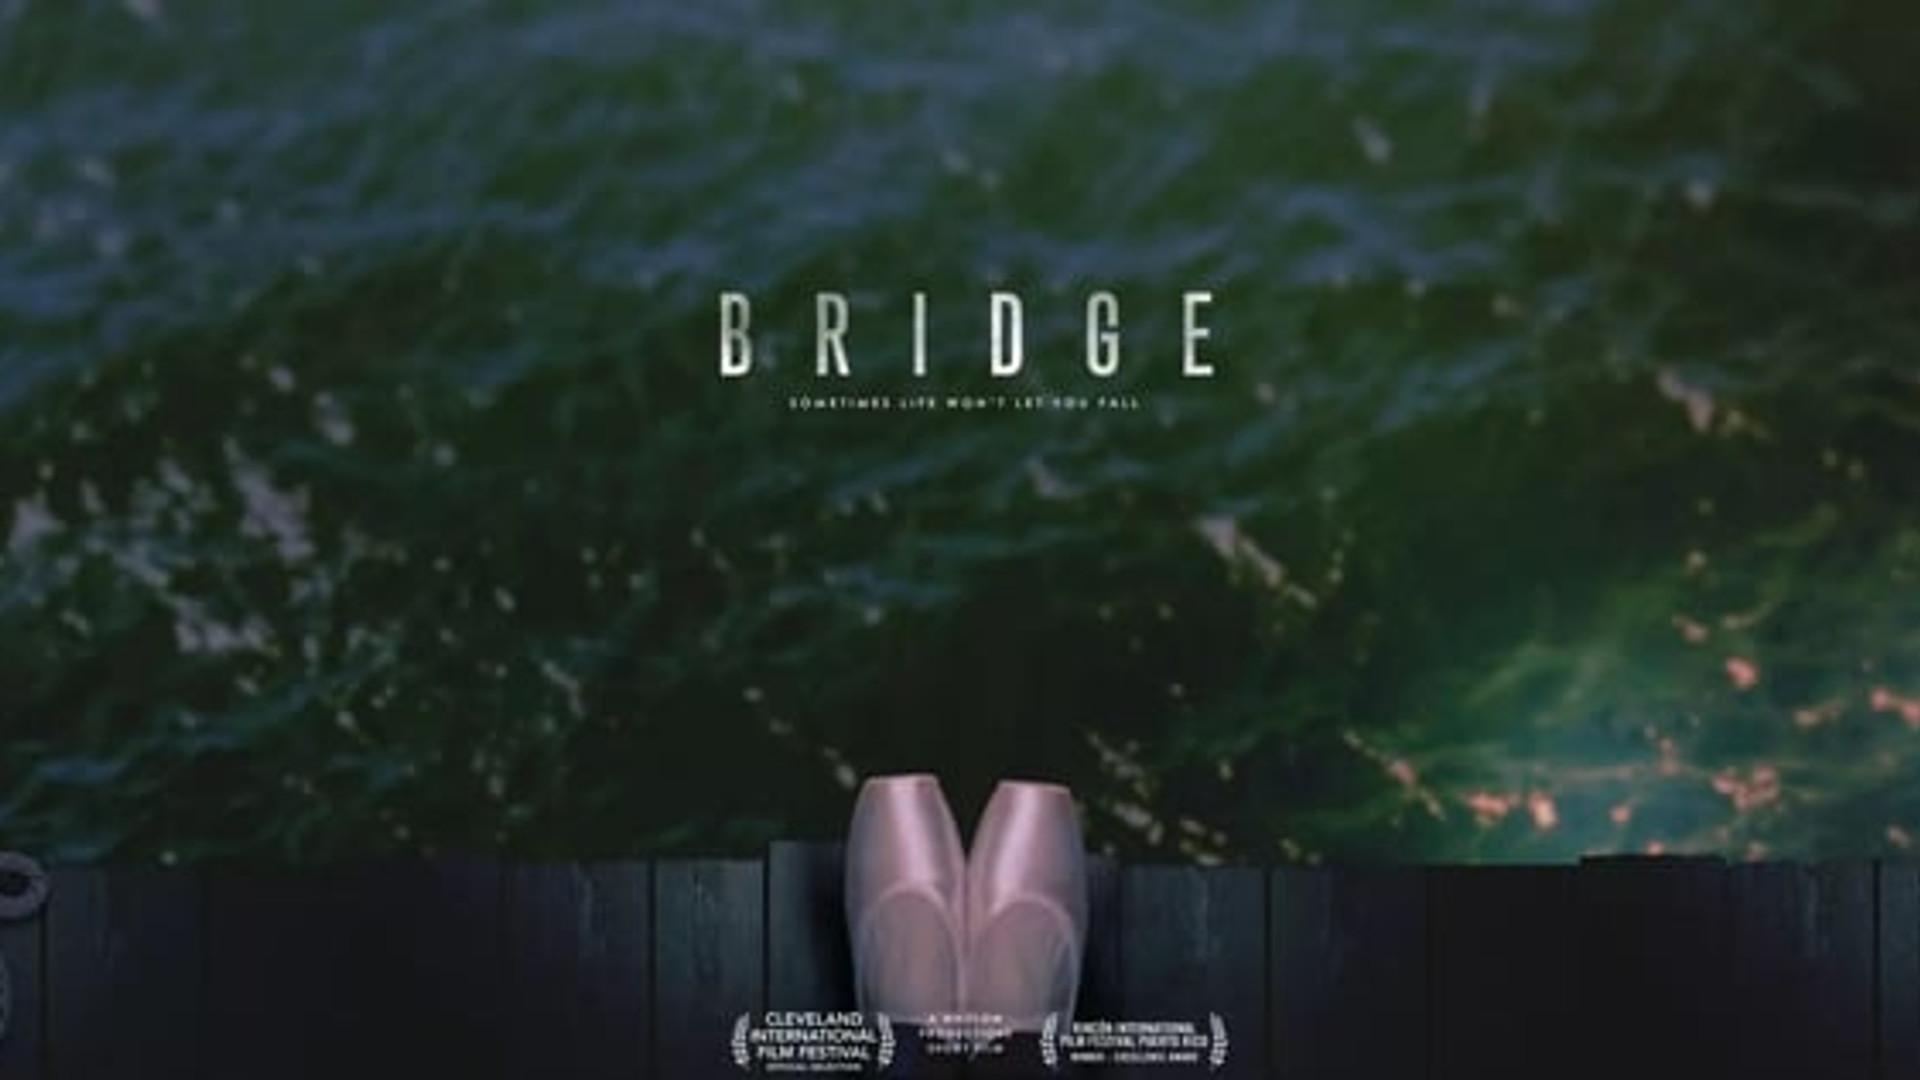 Bridge | Short Film